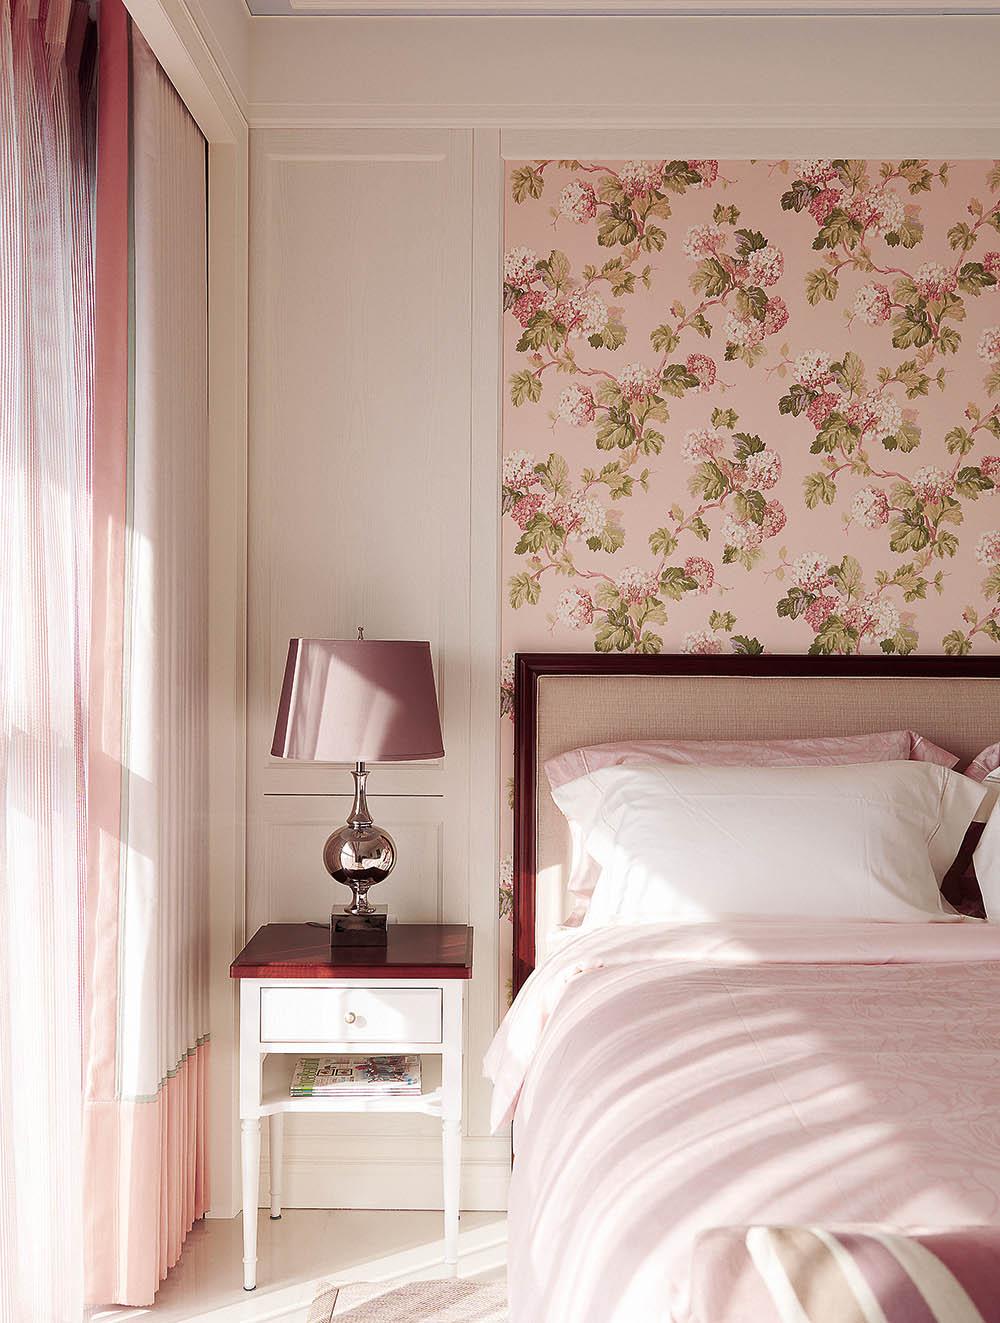 Ткань над изголовьем кровати в спальне